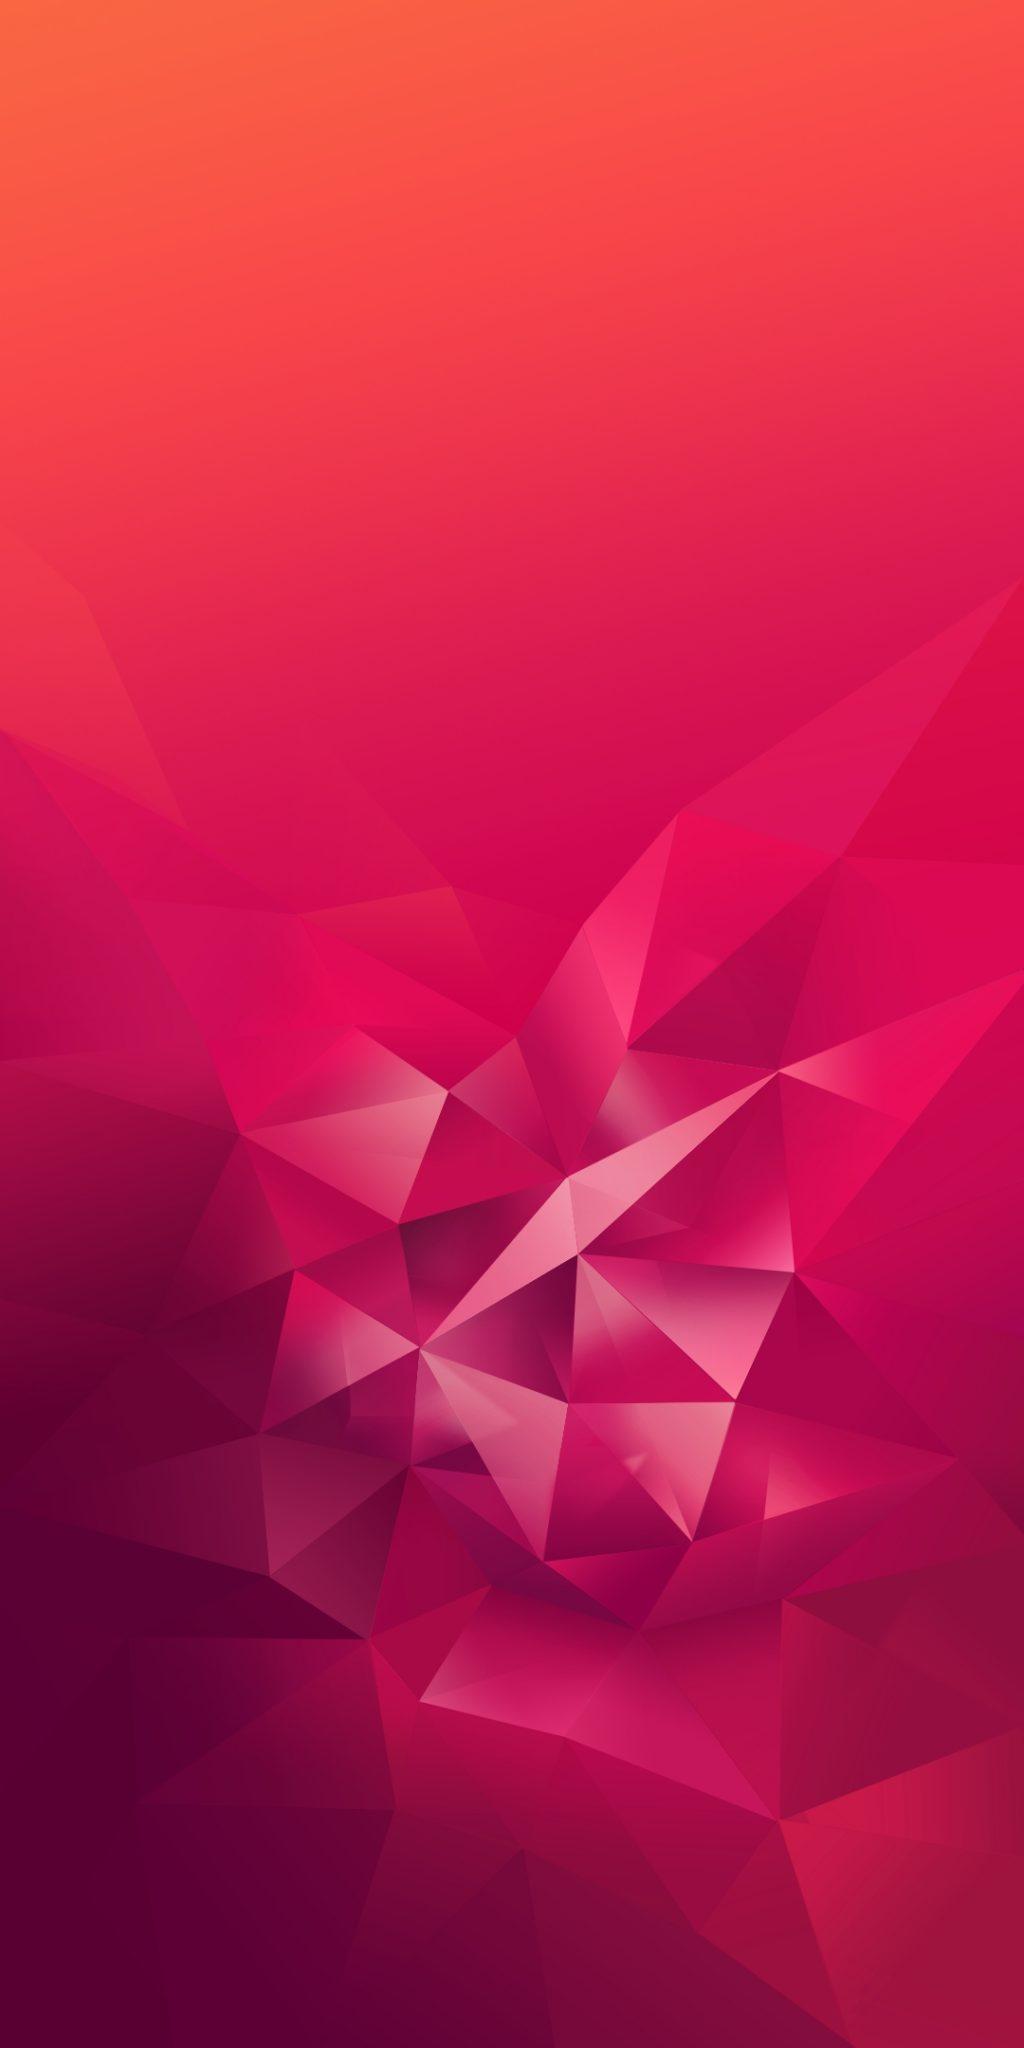 Oppo-Realme-Wall-TechFoogle-11